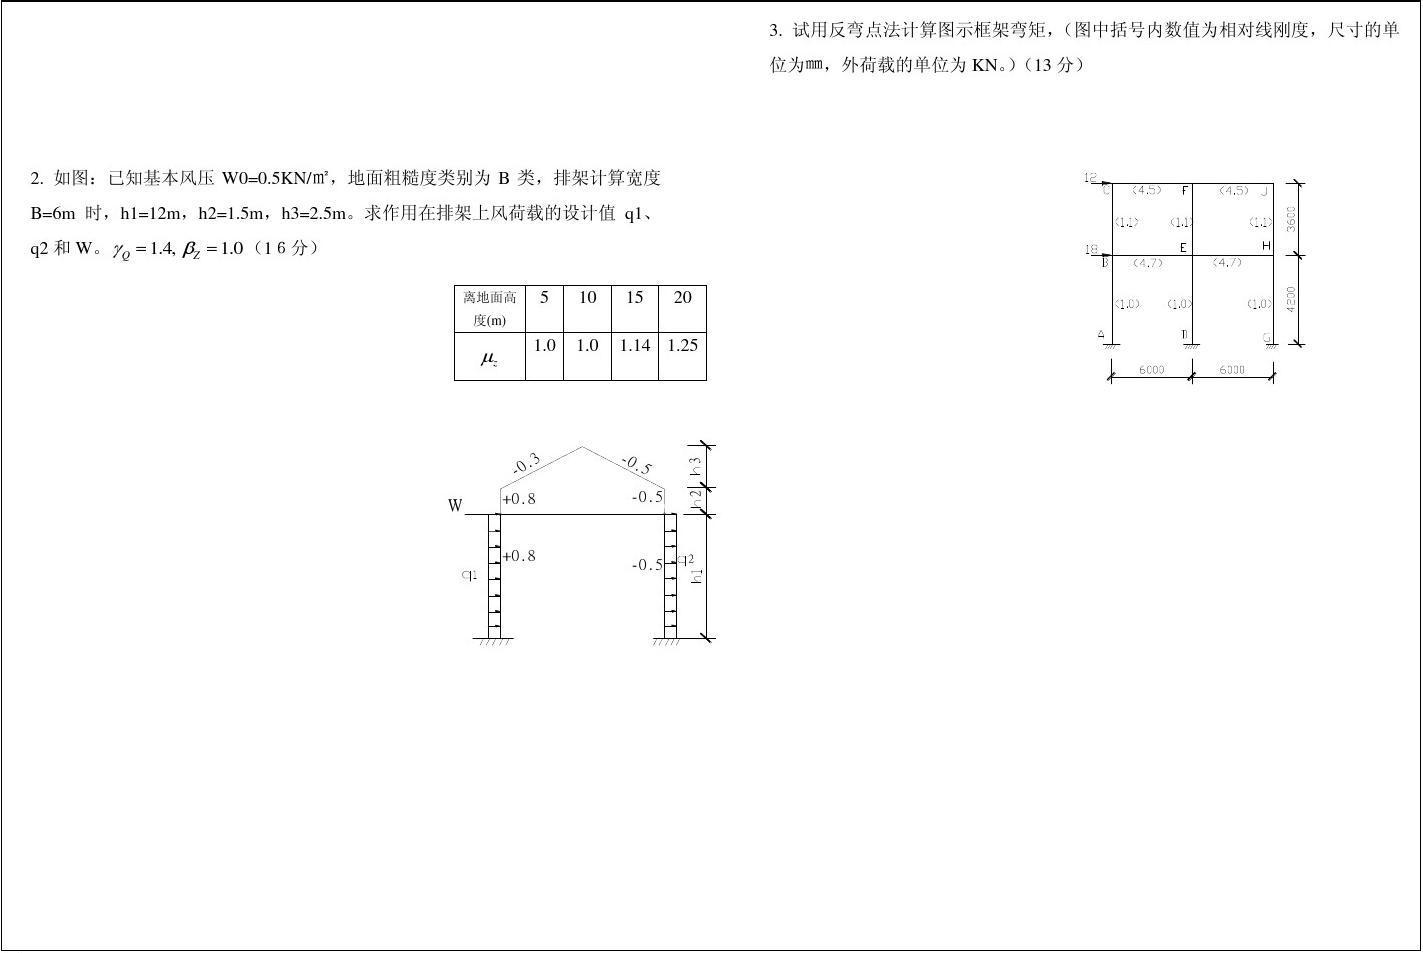 常州工学院钢筋砼与砌体结构试卷1答案图片